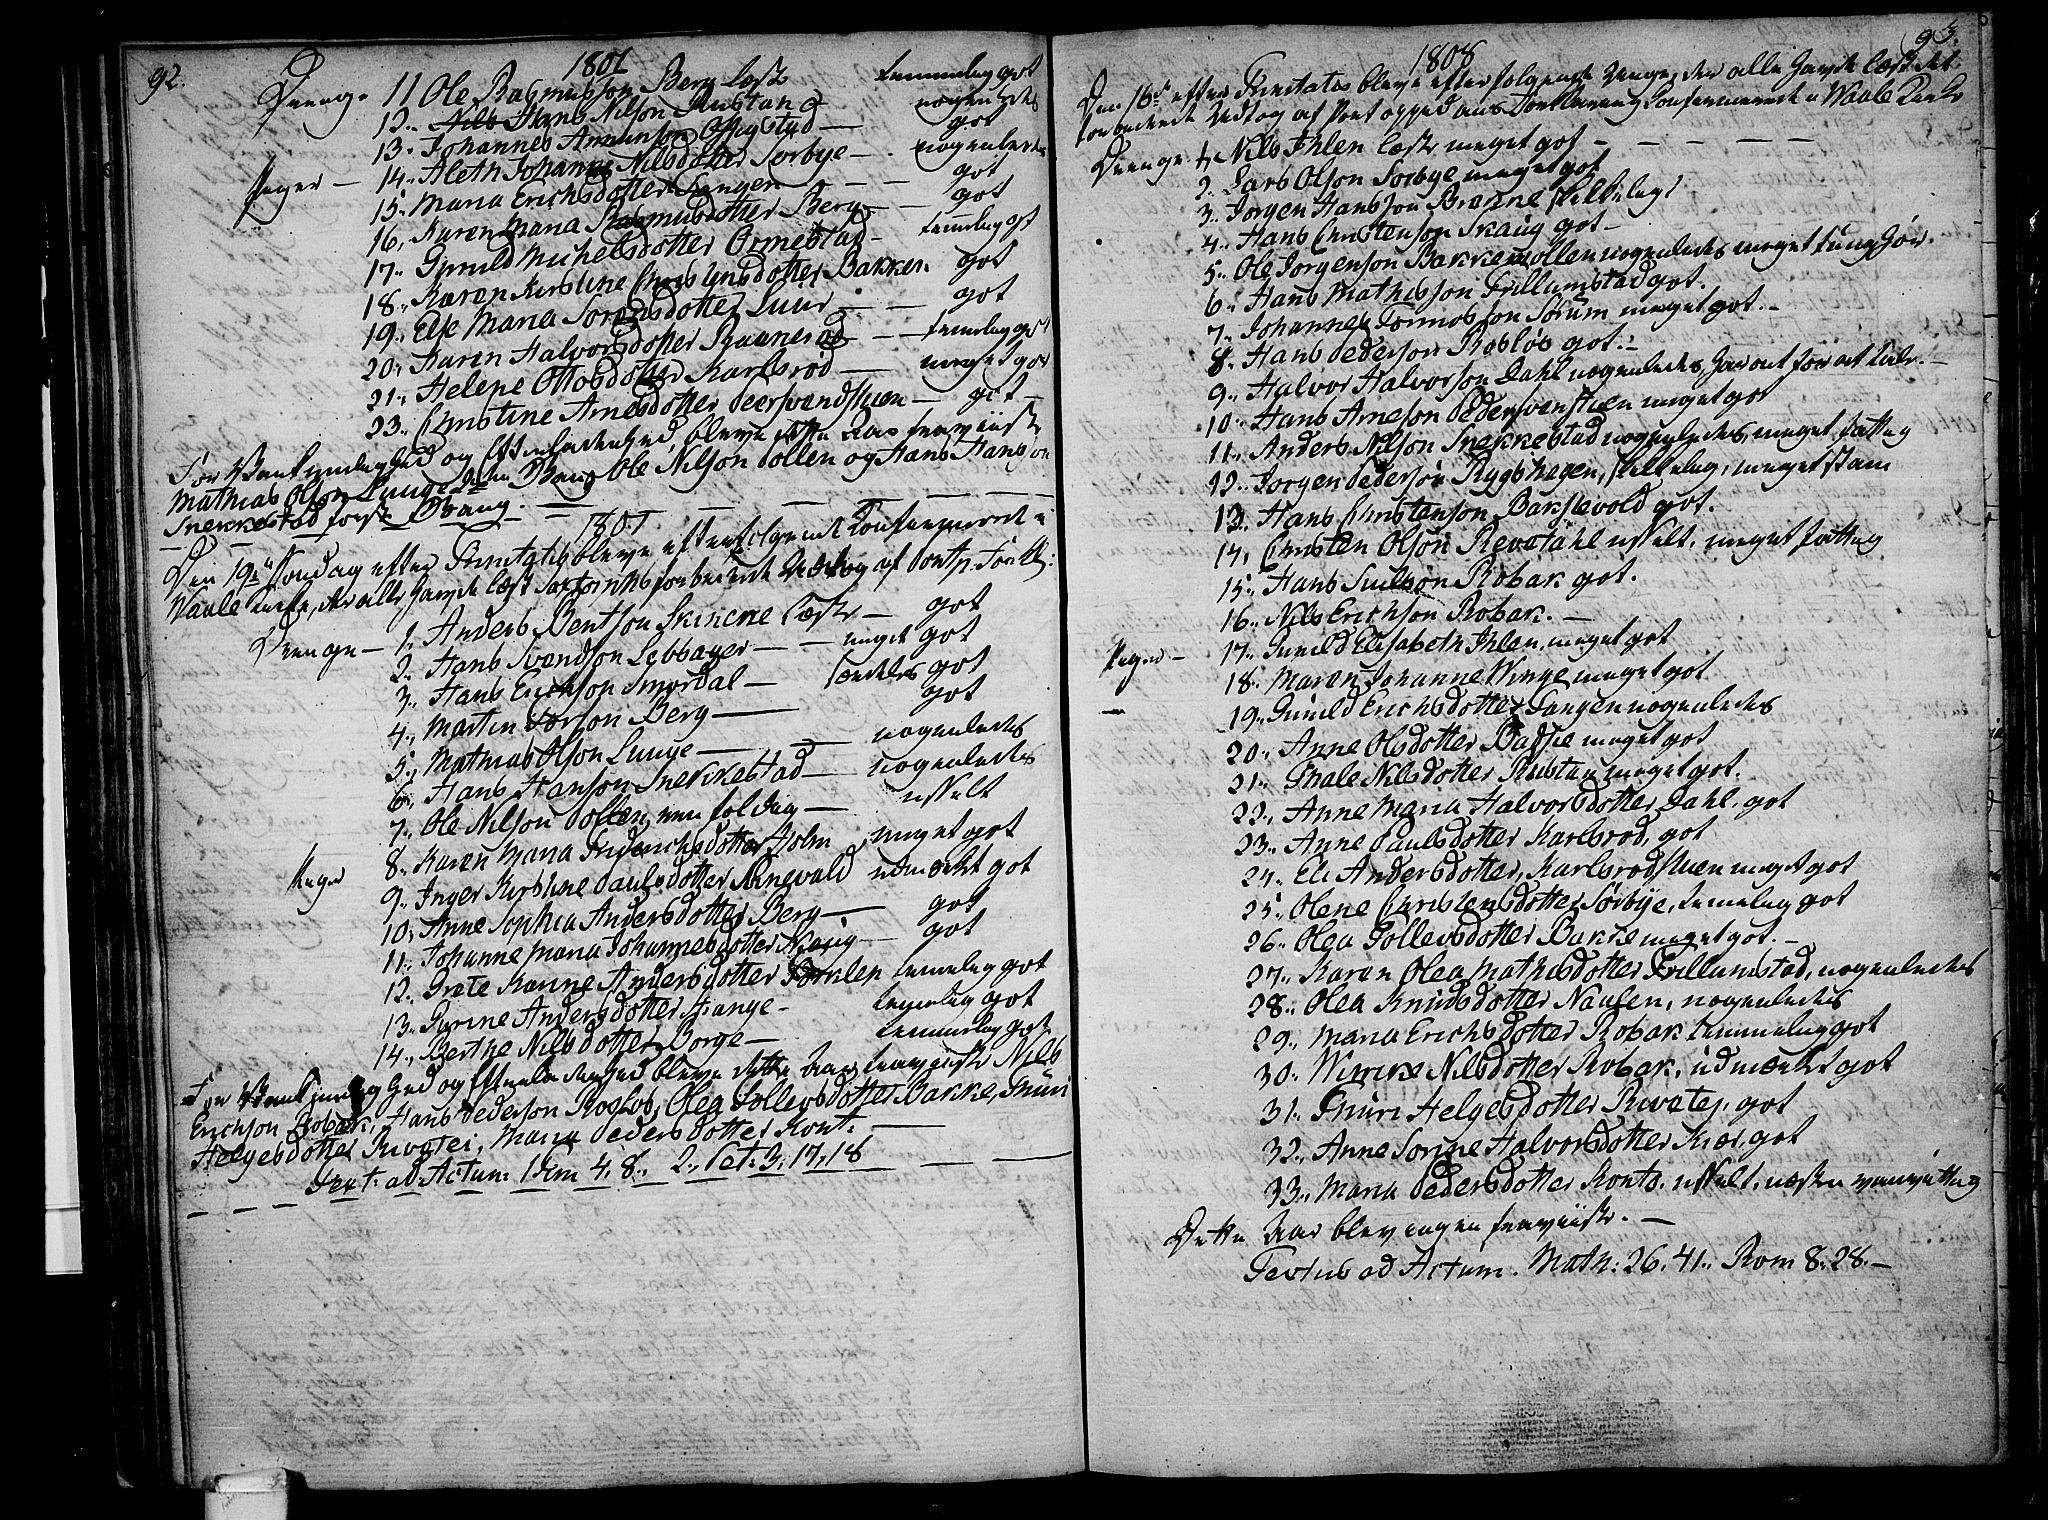 SAKO, Våle kirkebøker, F/Fa/L0005: Ministerialbok nr. I 5, 1773-1808, s. 92-93